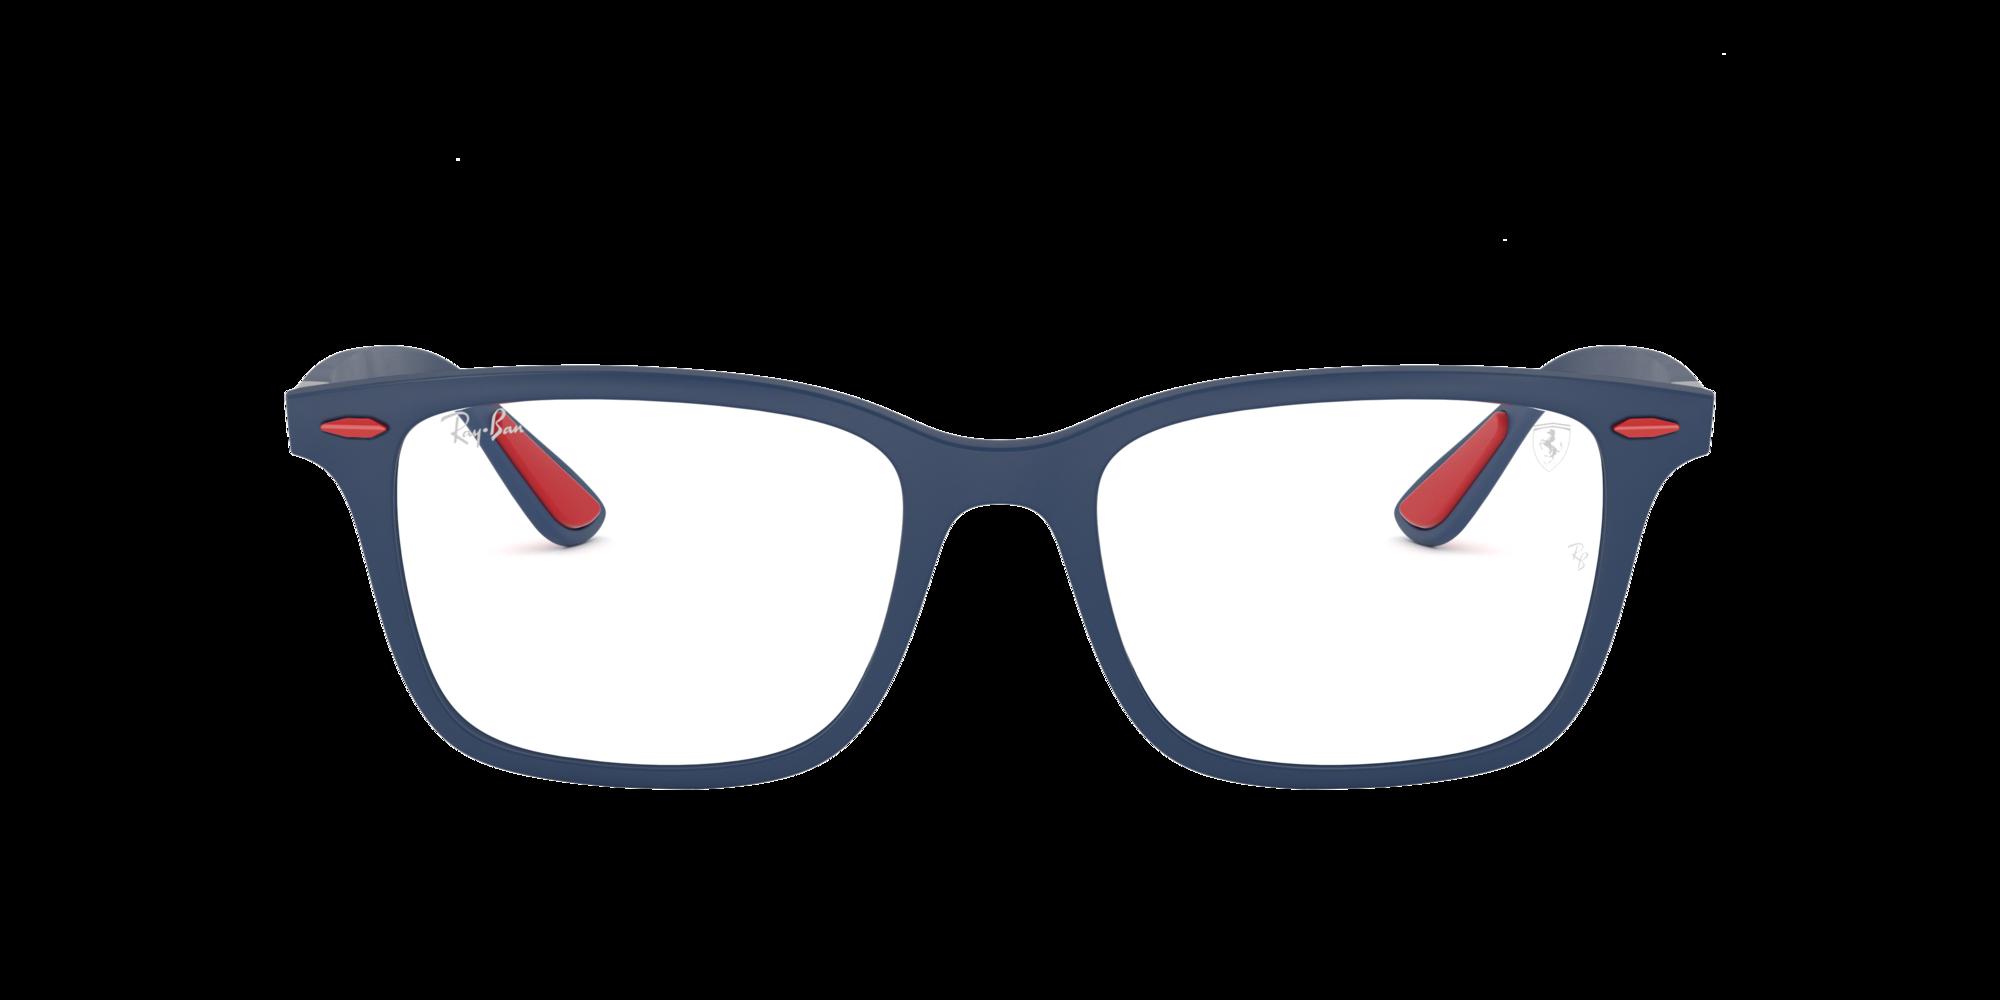 Imagen para RX7144M FERRARI de LensCrafters |  Espejuelos, espejuelos graduados en línea, gafas